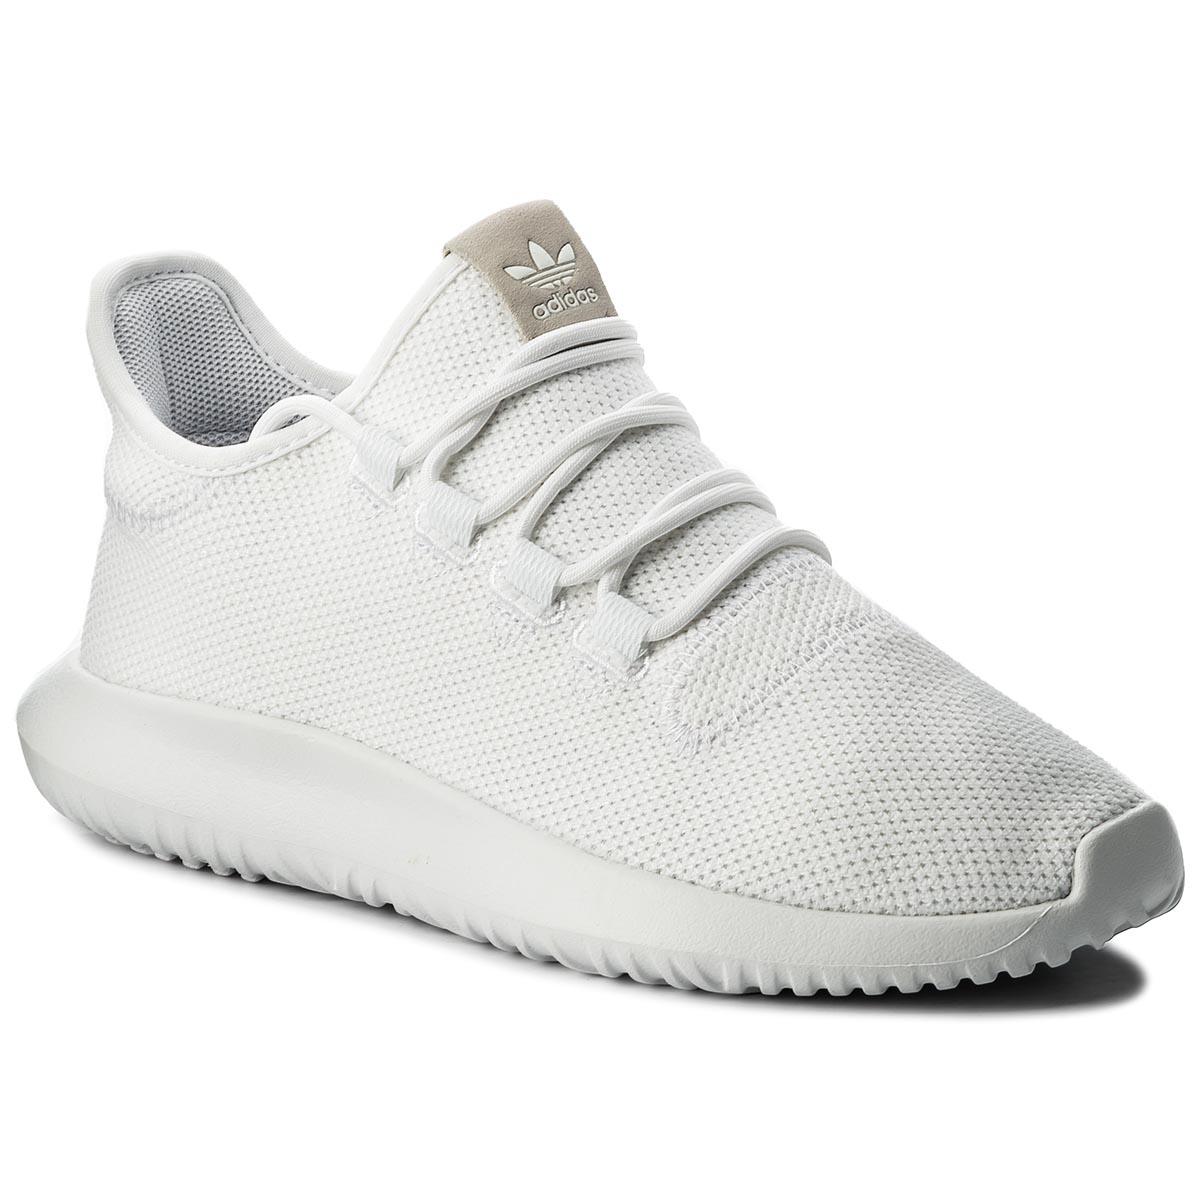 Shoes B37714 Adidas Tubular Shadow Greoneclowhirawgrn Ck mN8nwv0